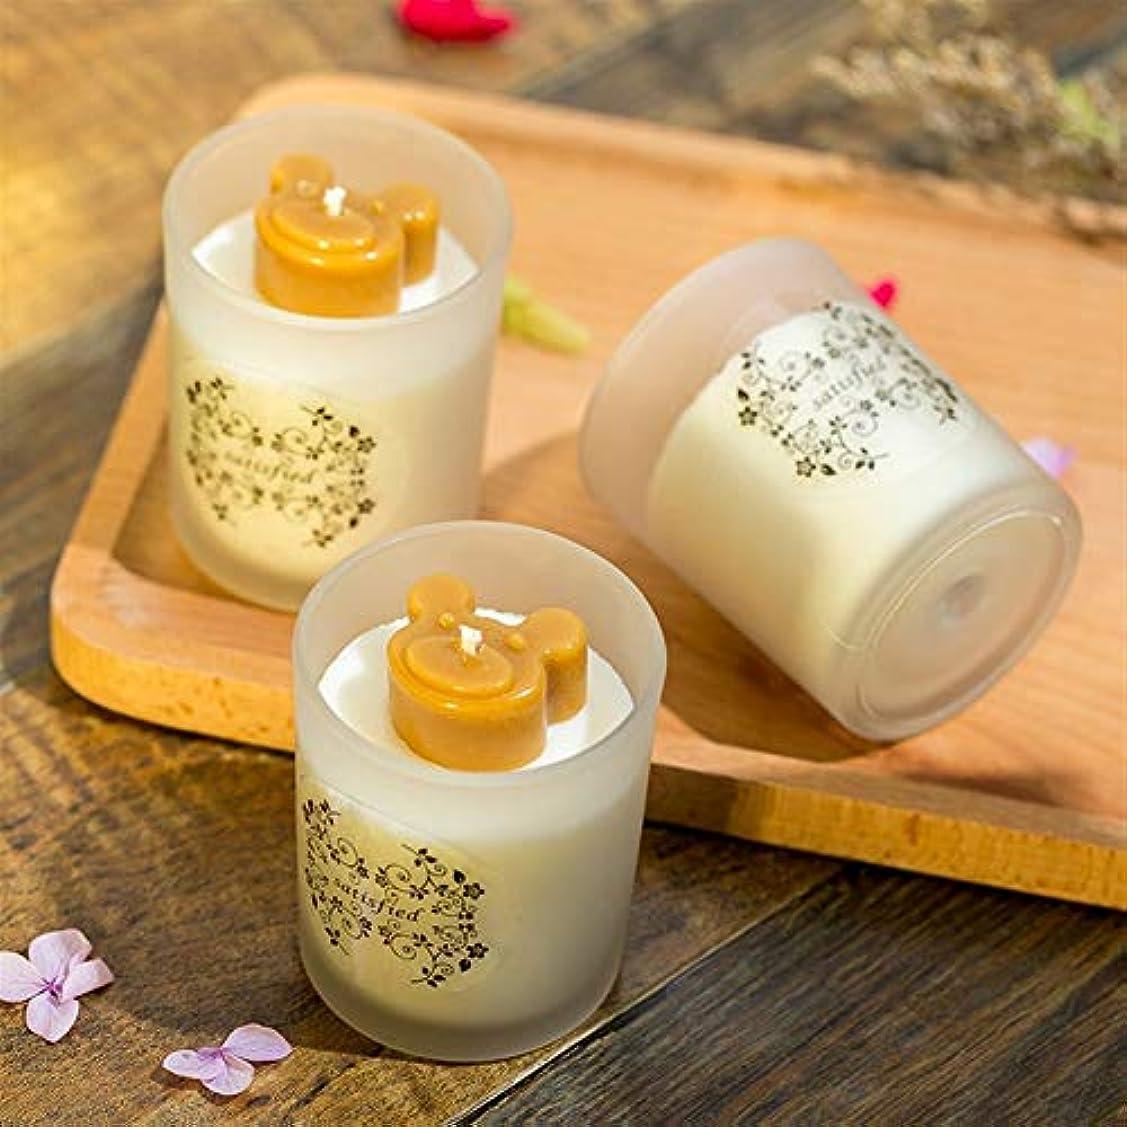 曲線ゆるい捧げるACAO 曇らされたガラスボトル、小さなクマ、アロマセラピー、健康と長続き、香りキャンドル、オフィスの結婚式の装飾用品 (色 : Lavender)